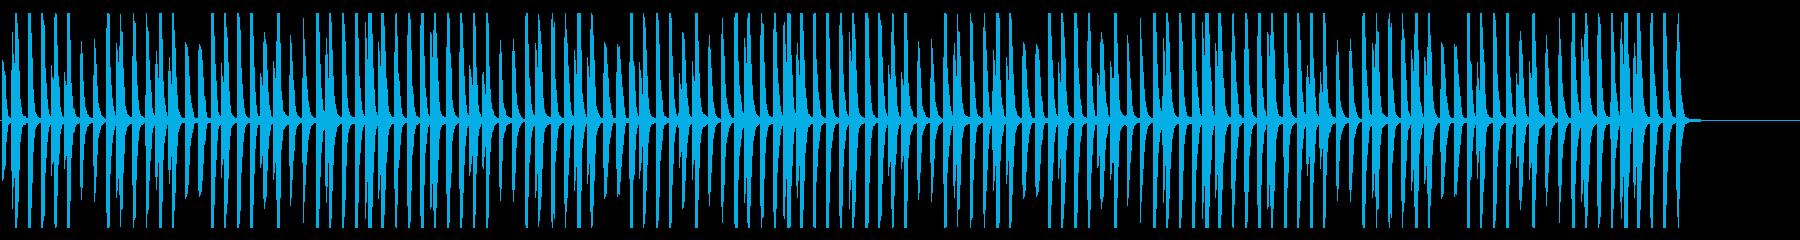 ほのぼの日常系の明るいピアノの再生済みの波形